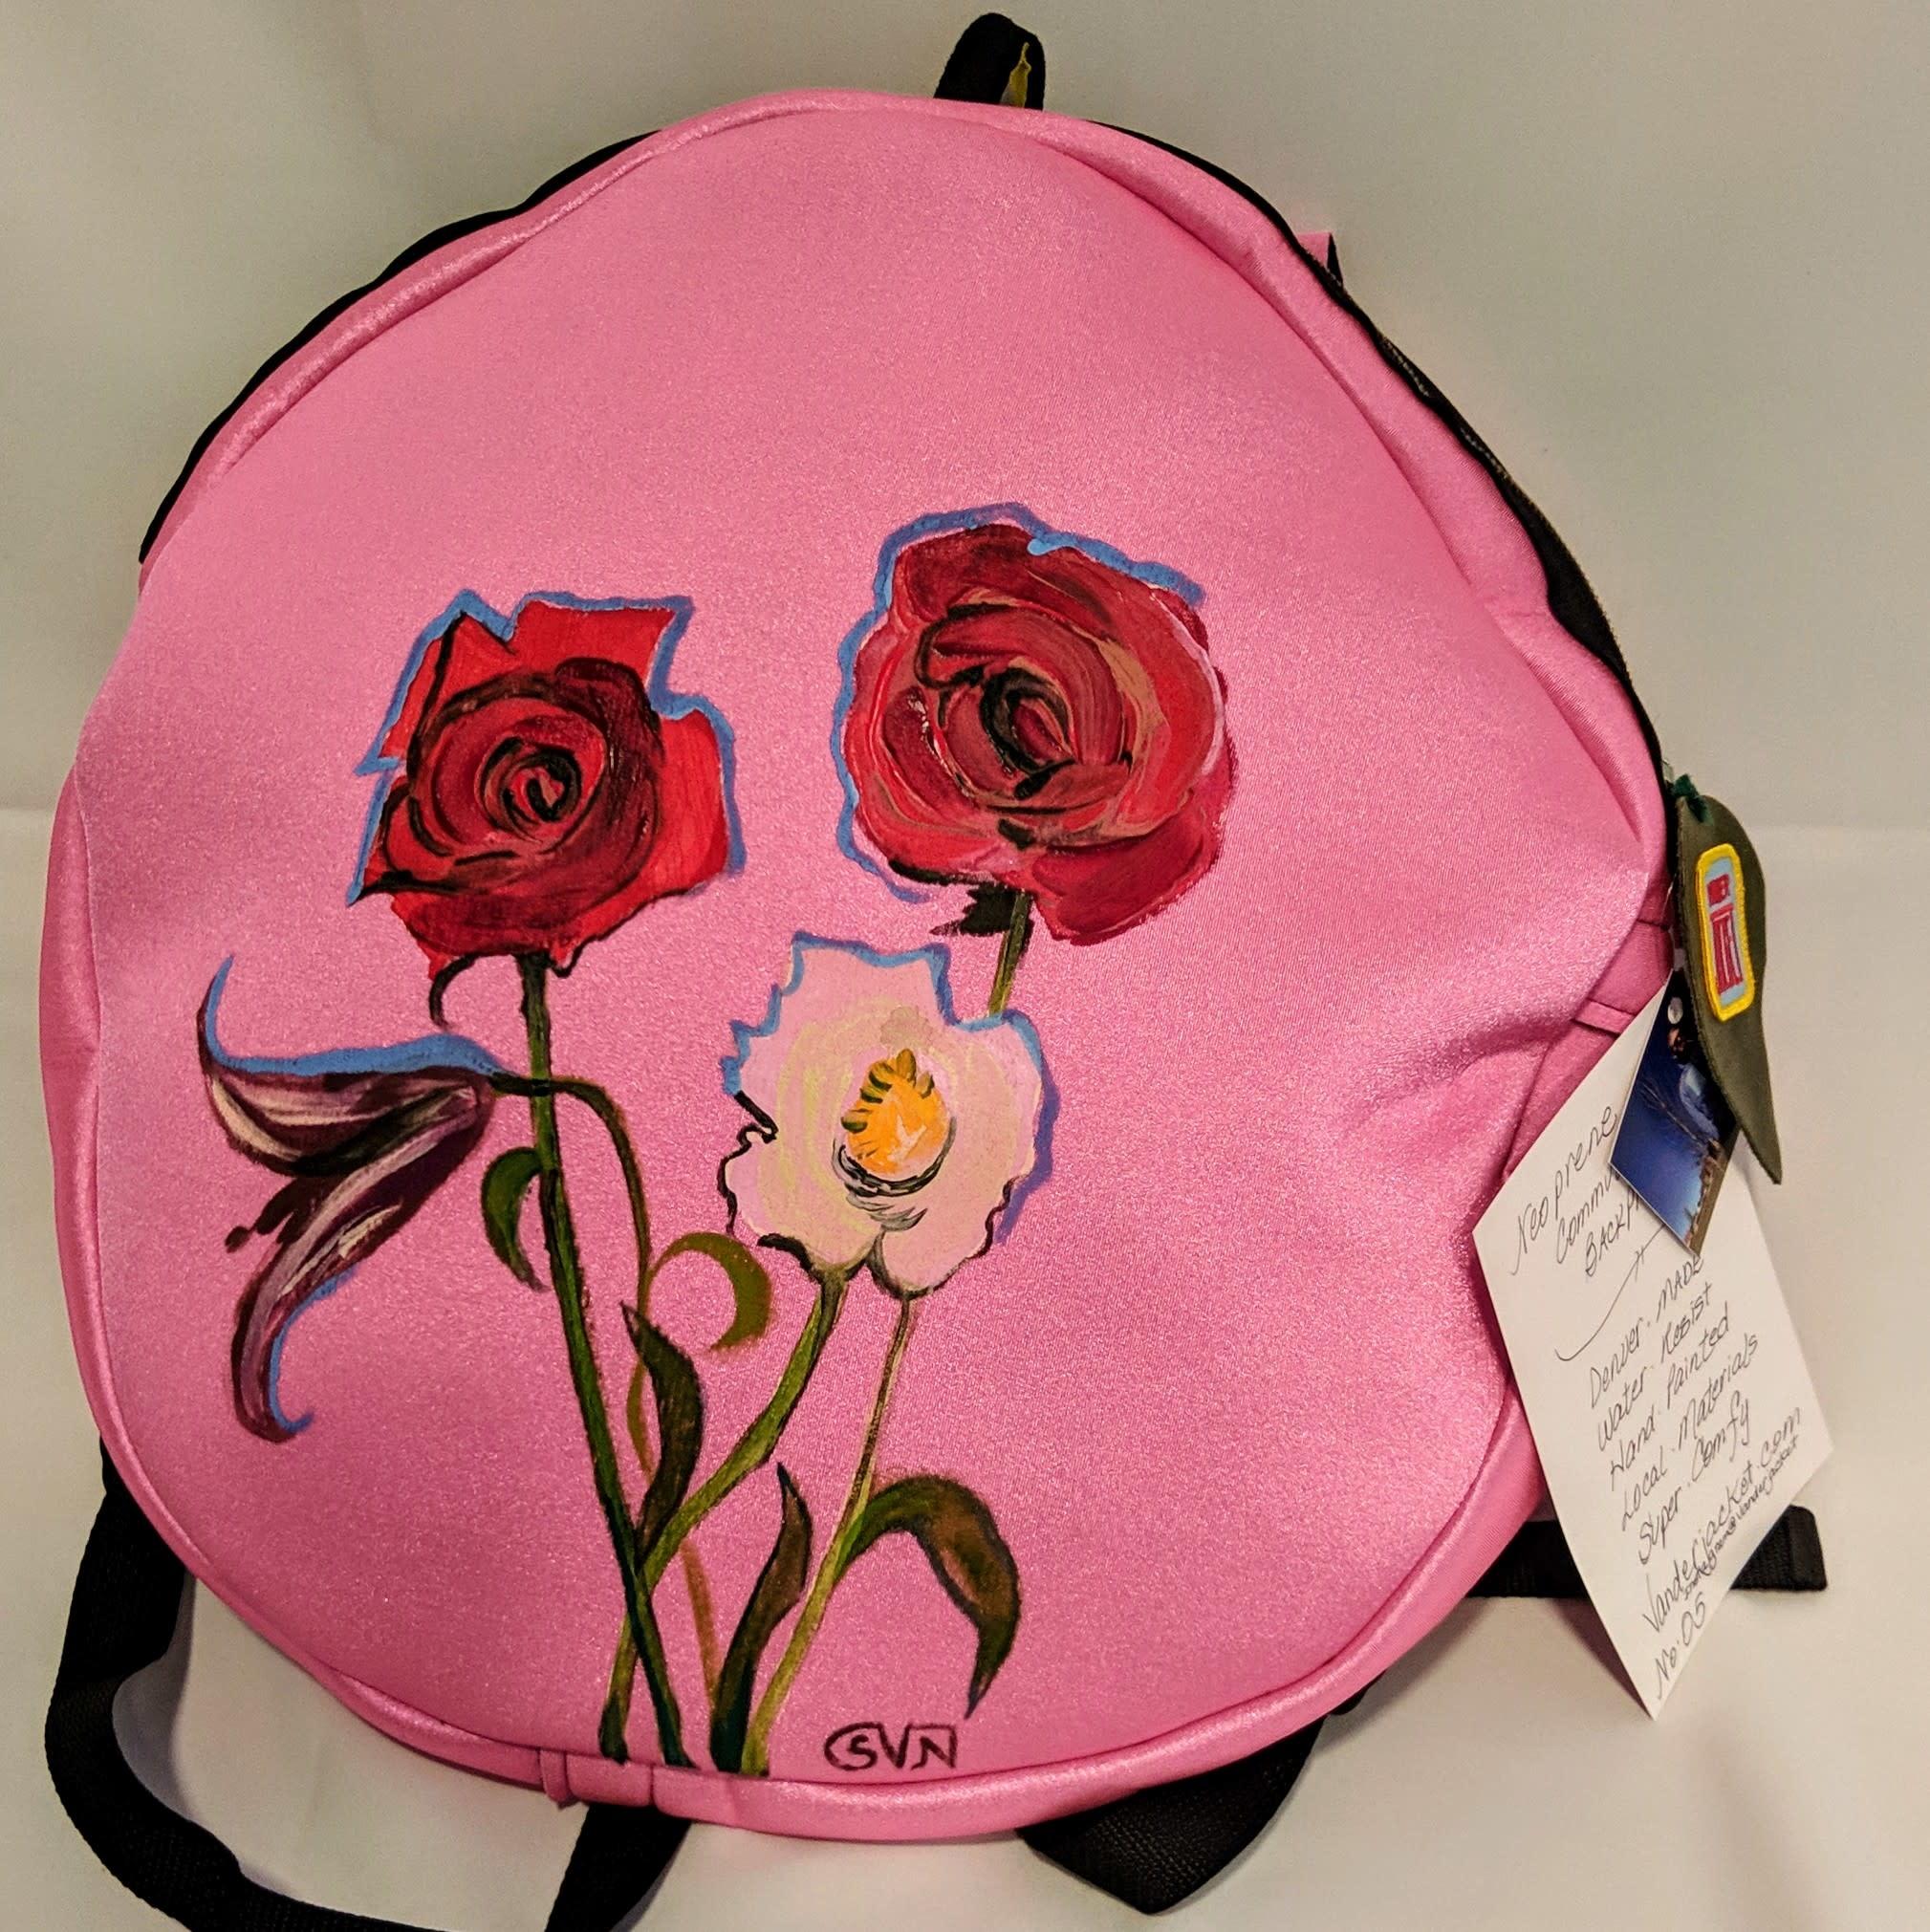 Sarah Vanderneut Neoprene Backpack Pink - Hand Painted Floral Design